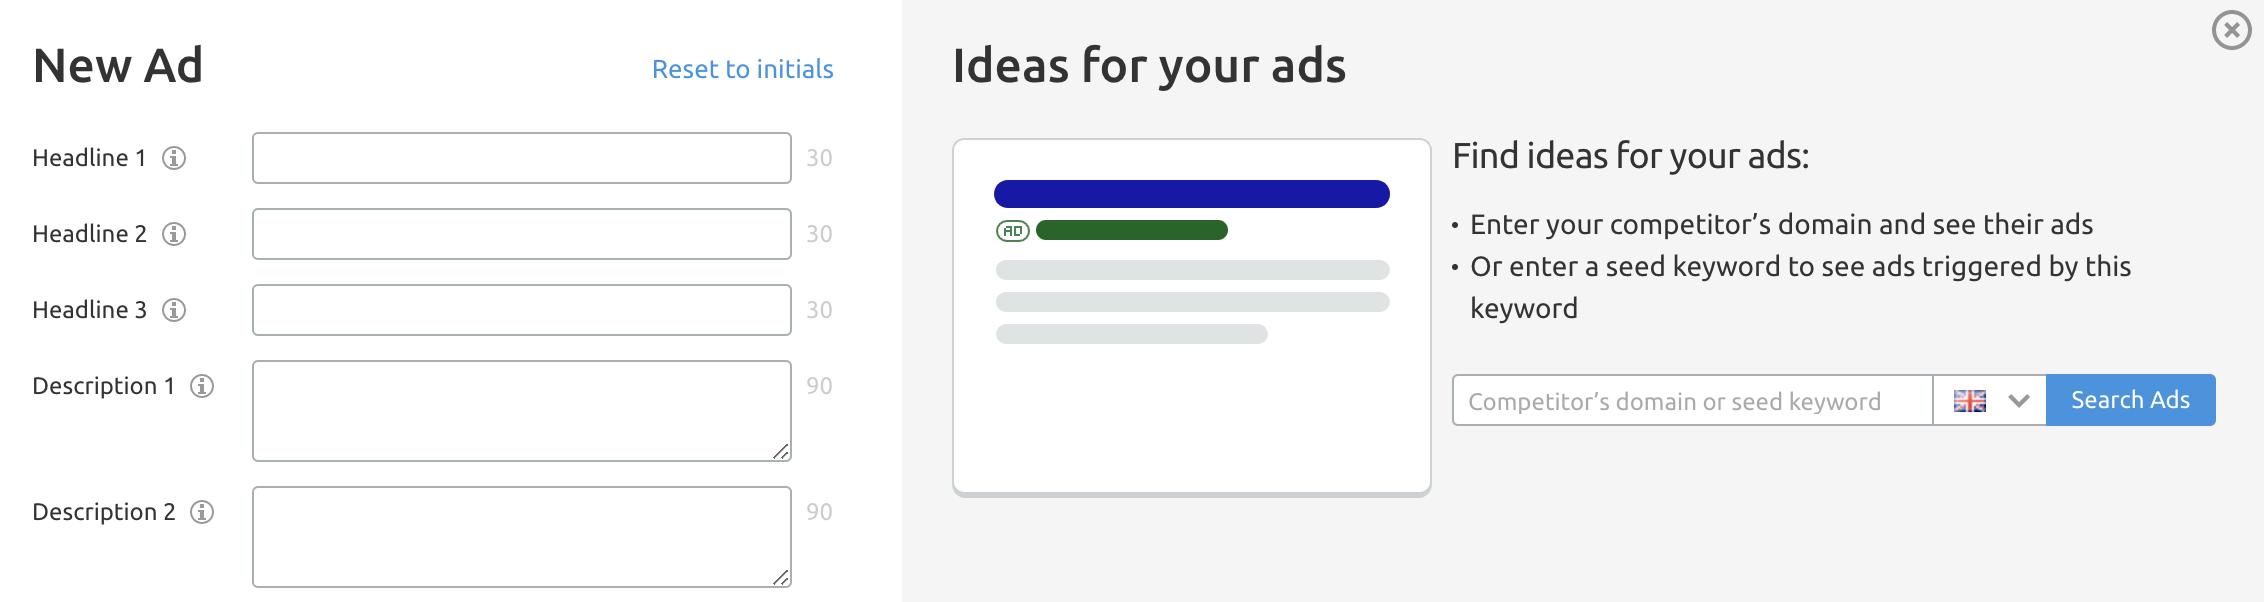 SEMrush Ad Builder Image